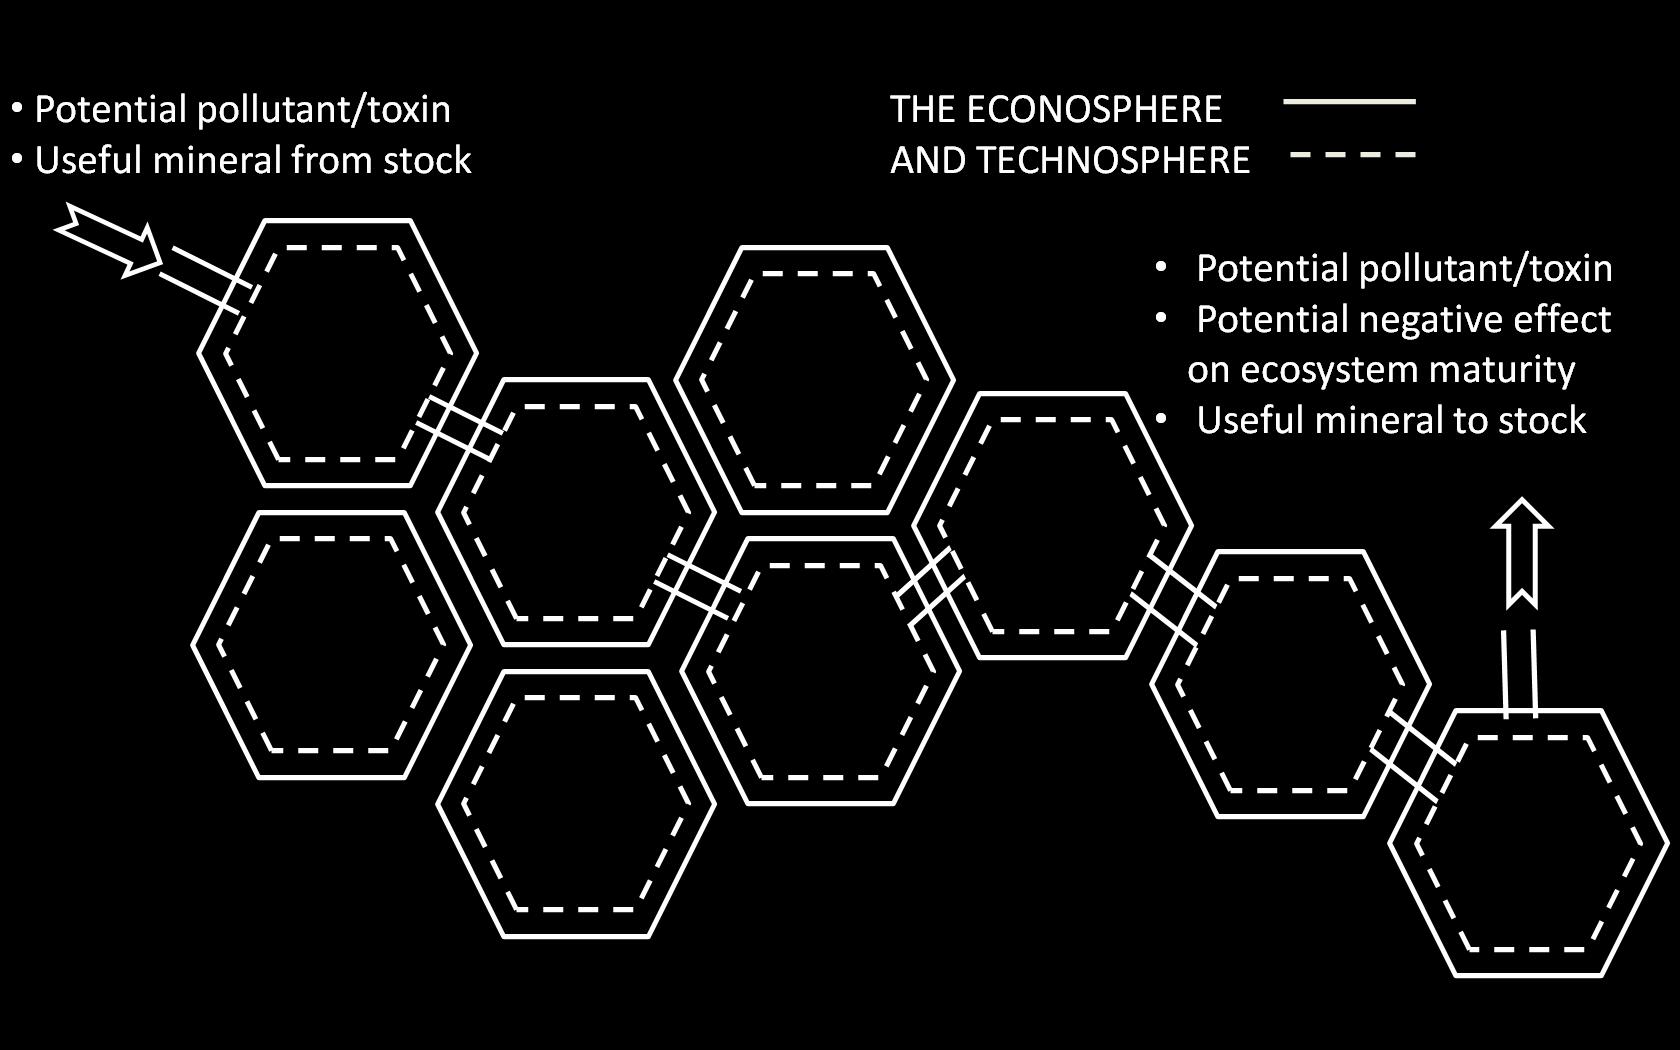 ECONOSPHERE